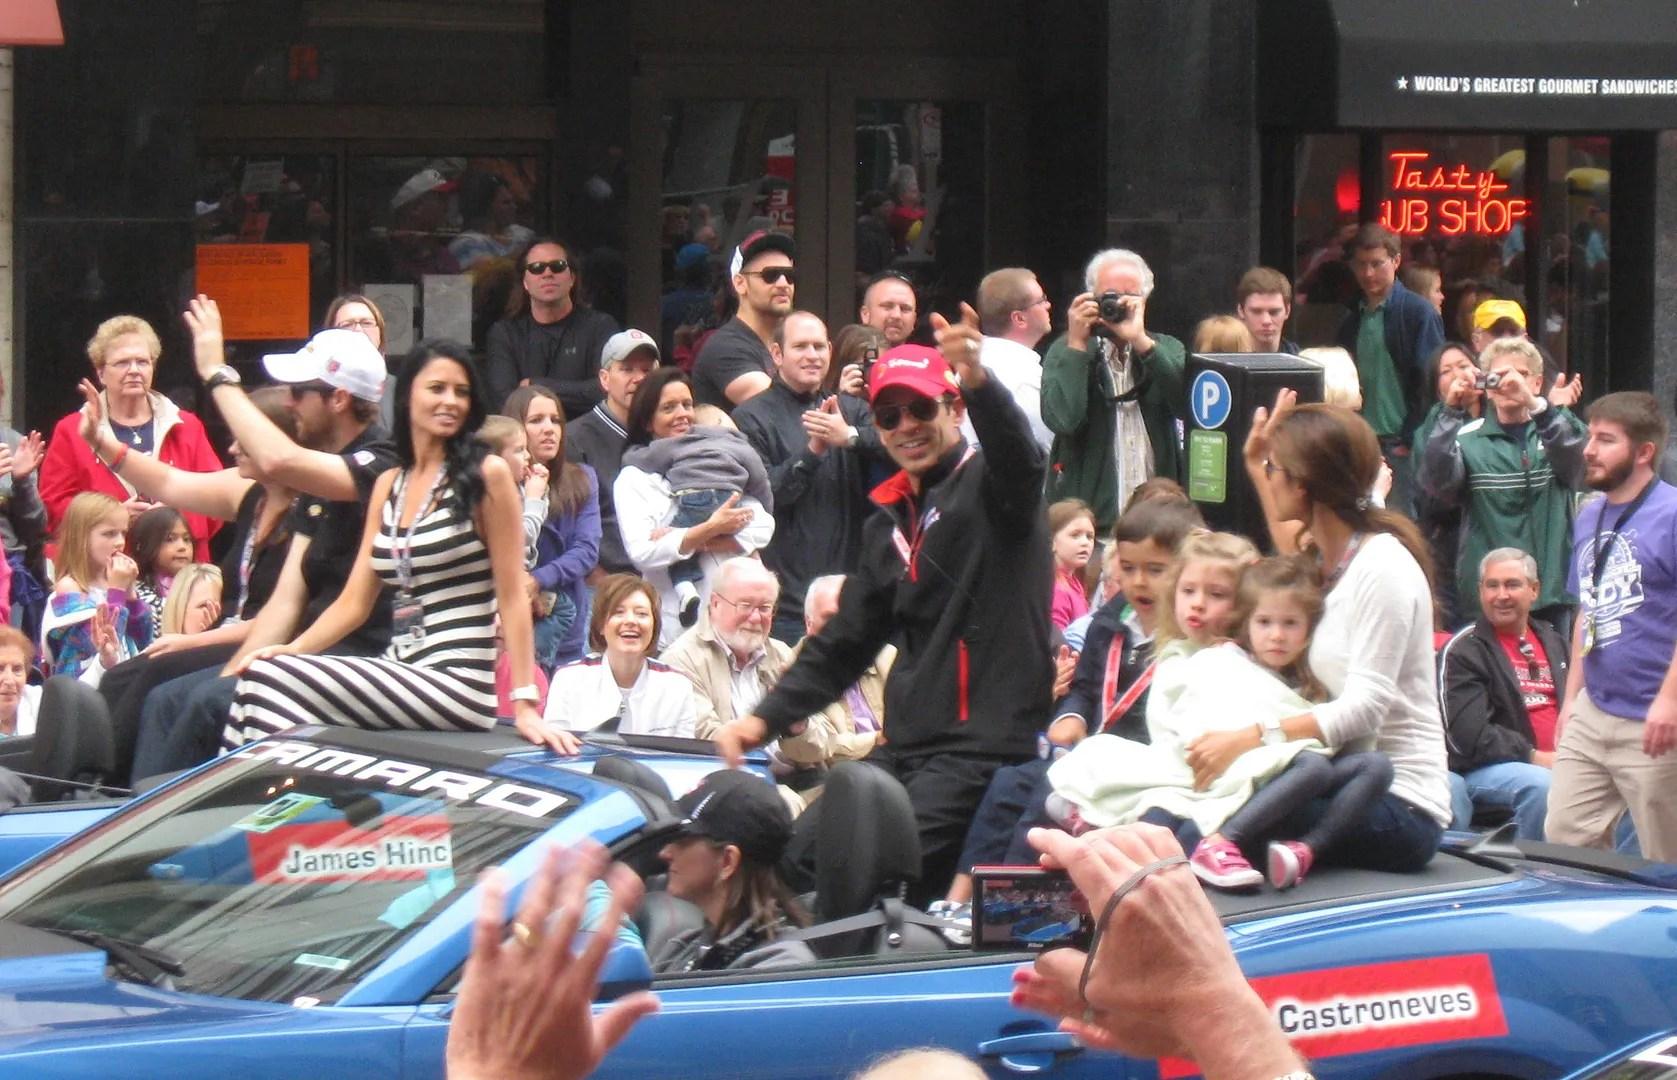 Helio Castroneves, James Hinchcliffe, Indianapolis, 500, 500 Festival Parade, Indianapolis, 2013